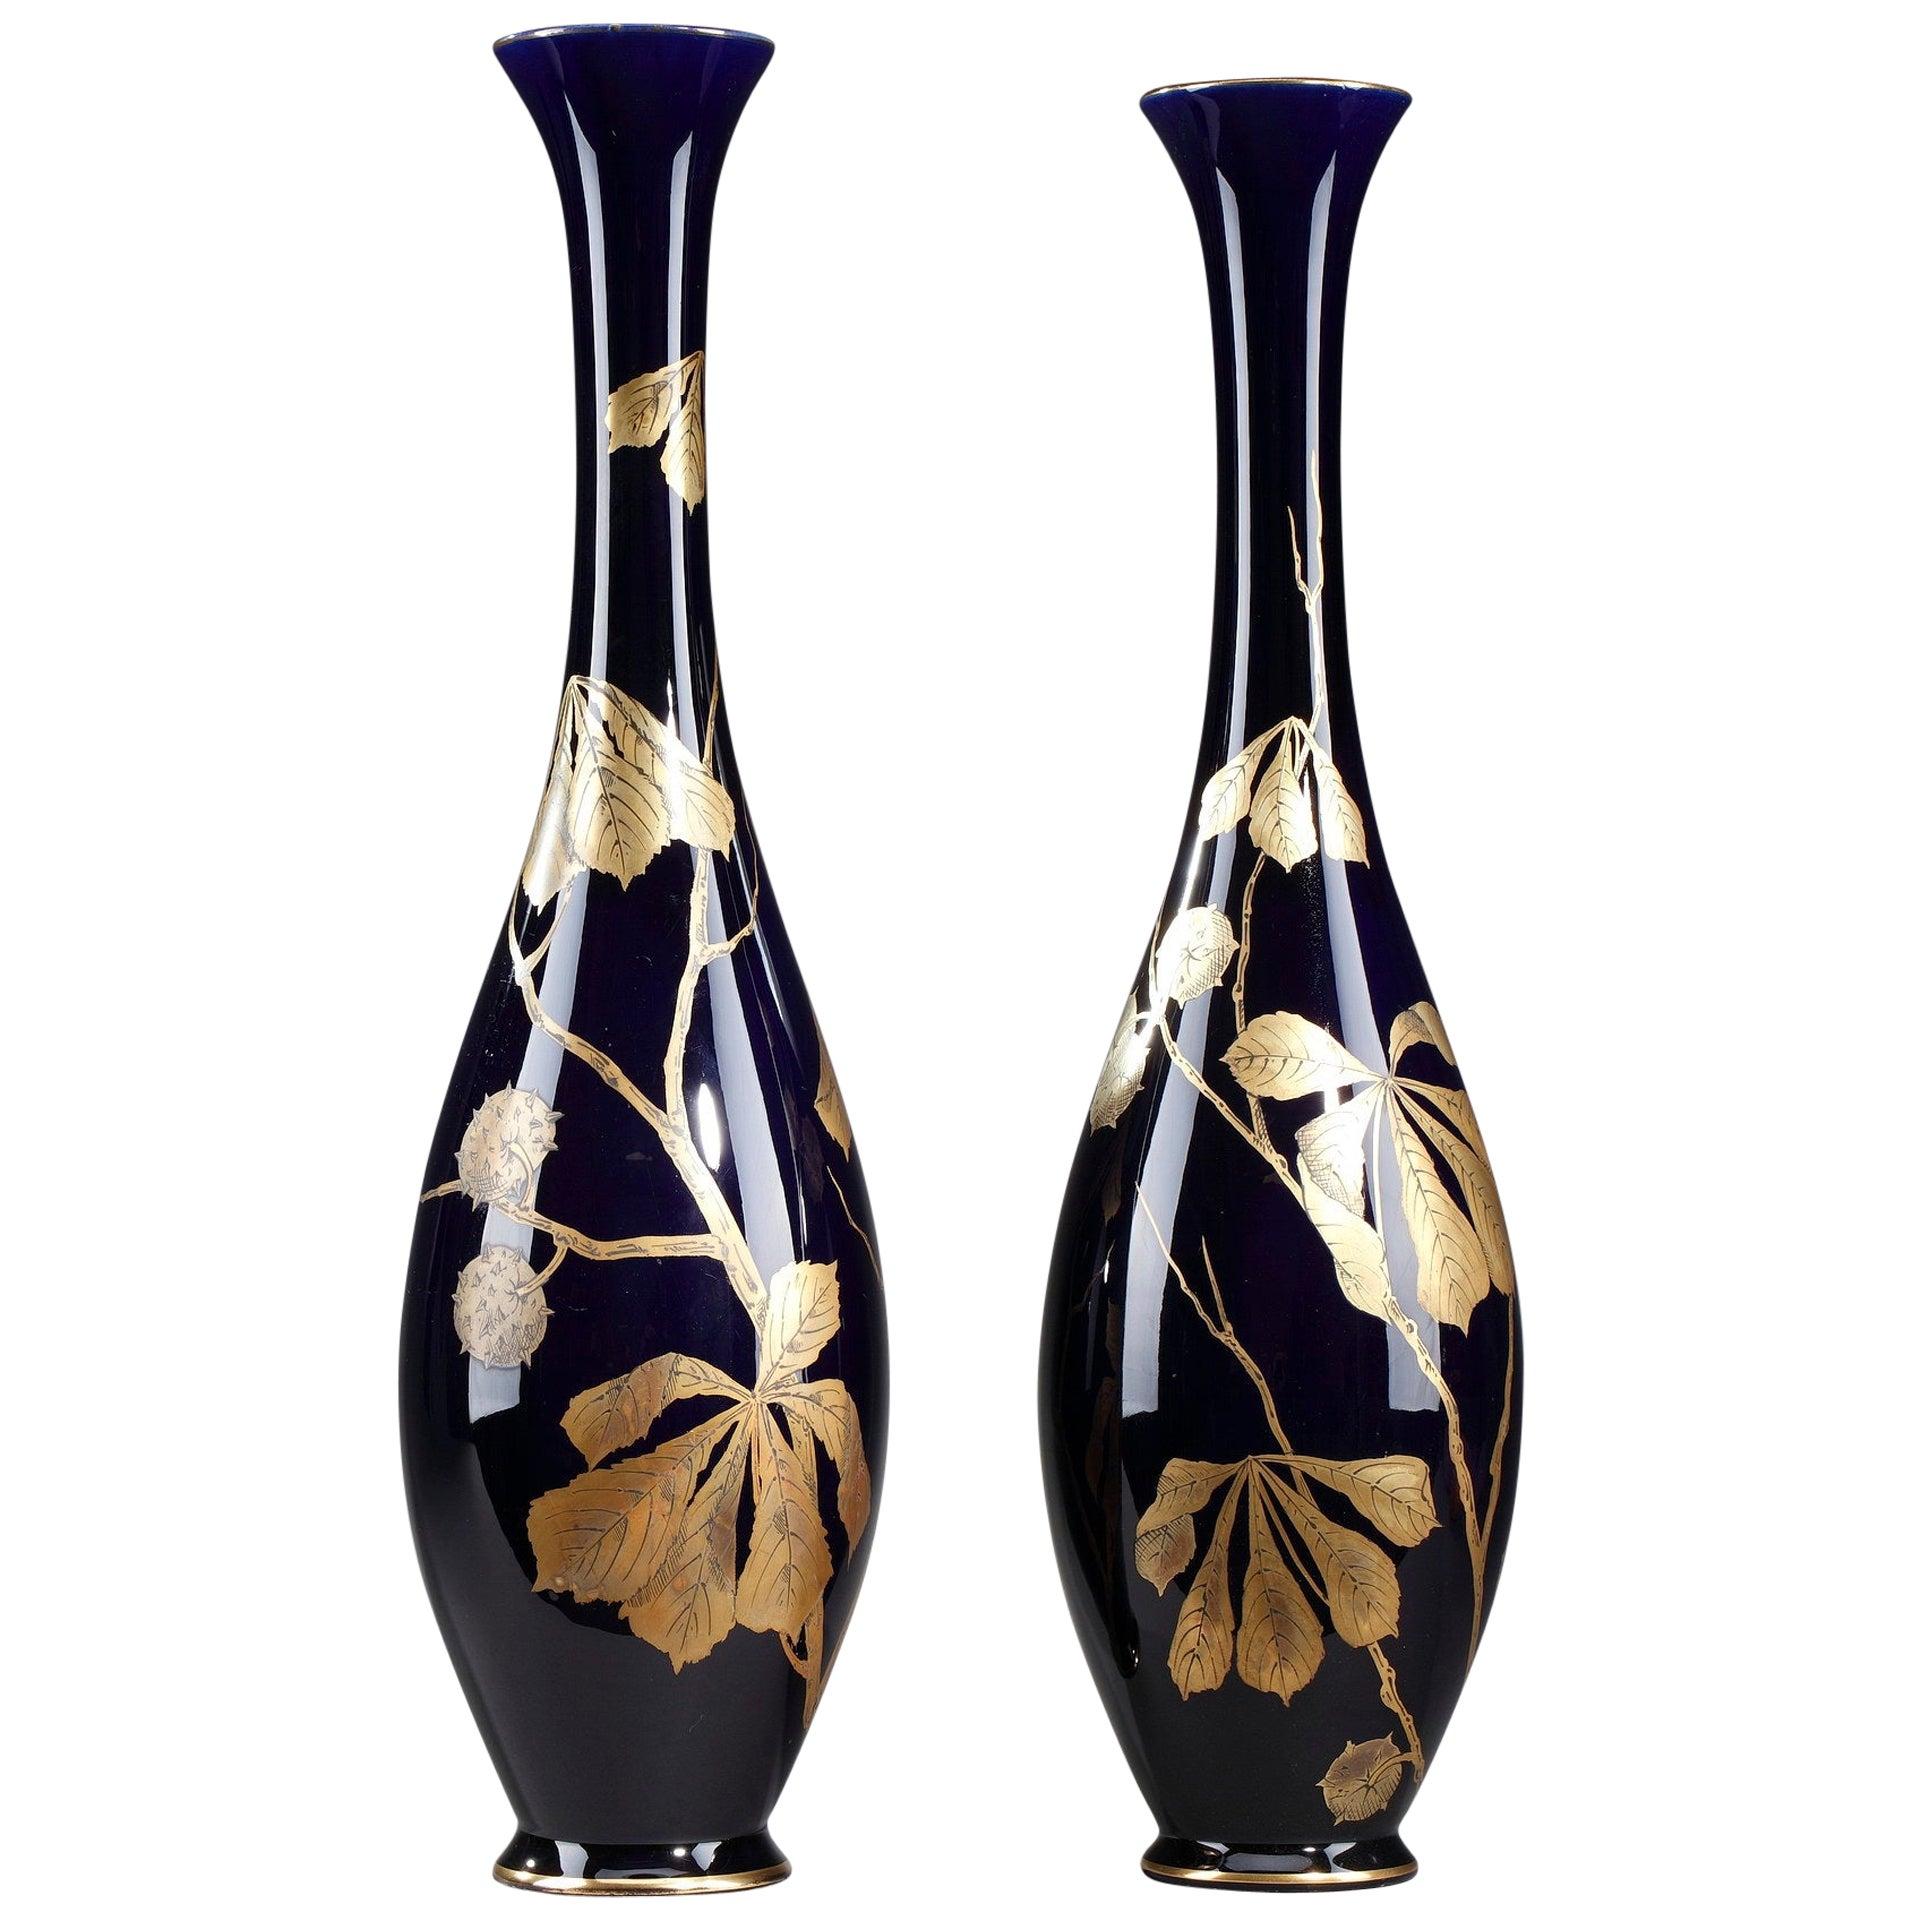 Late 19th Century Bleu de Tours Porcelain Vases by Gustave Asch